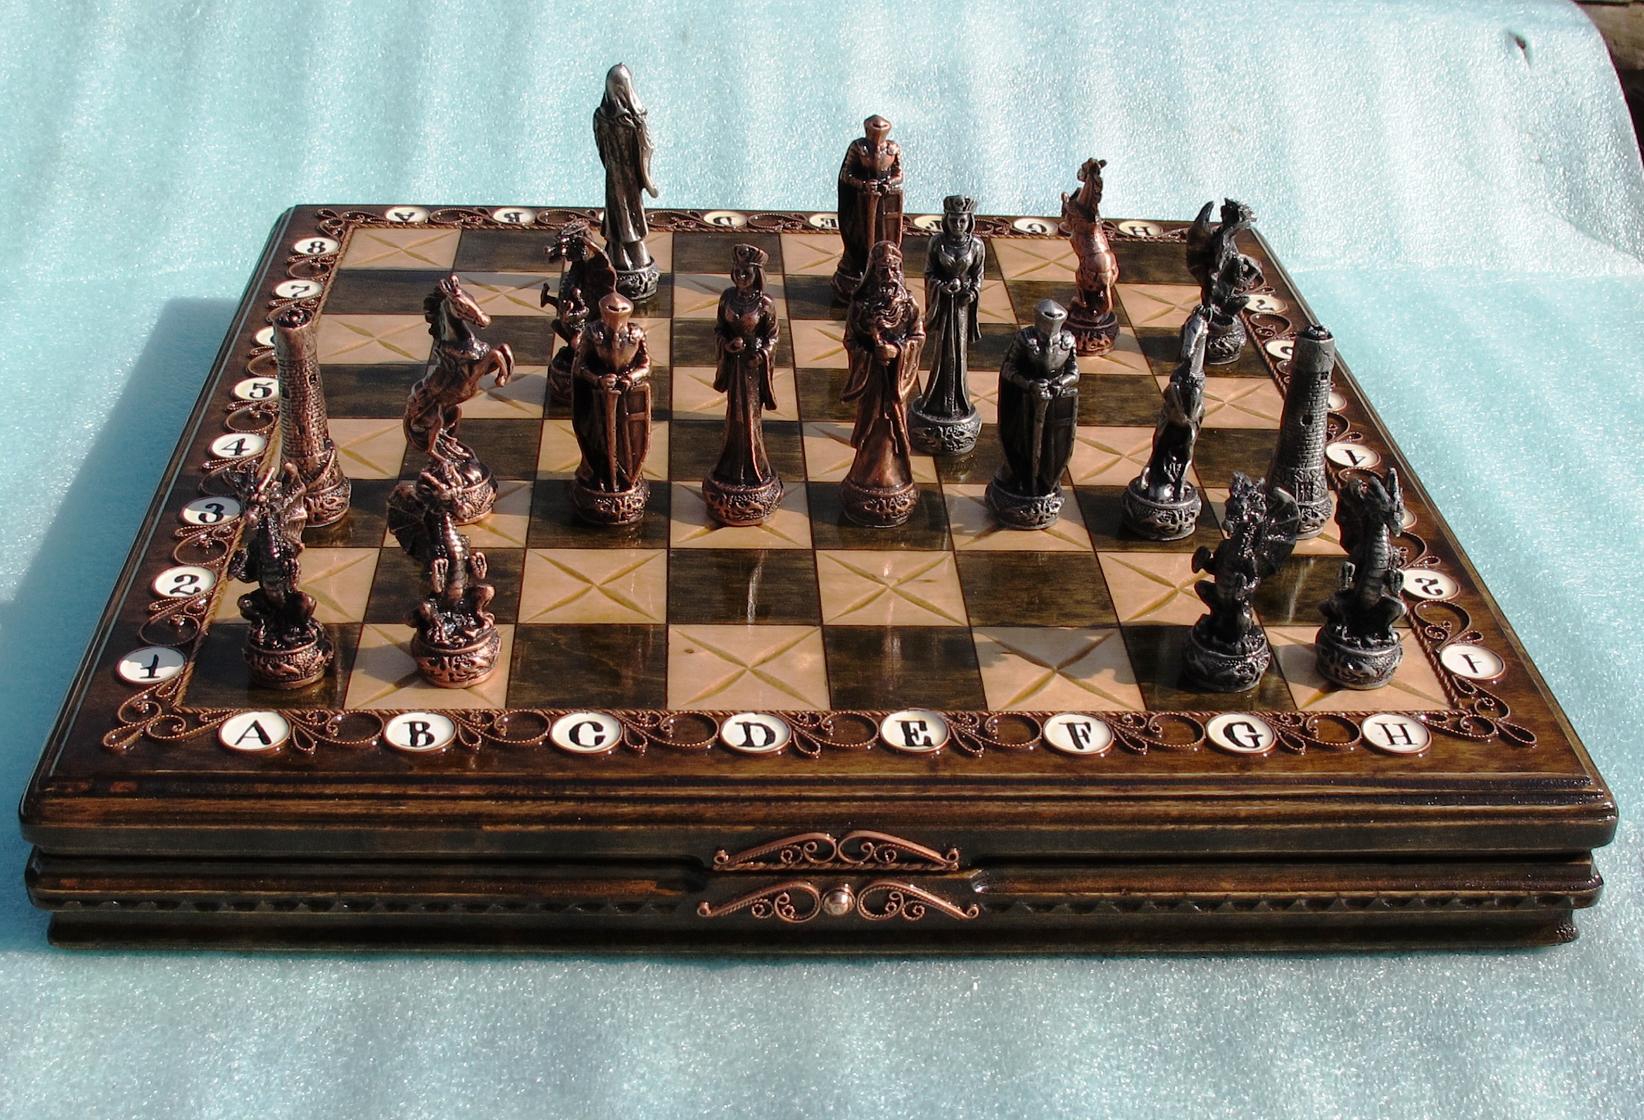 Играть в шахматы с живыми игроками